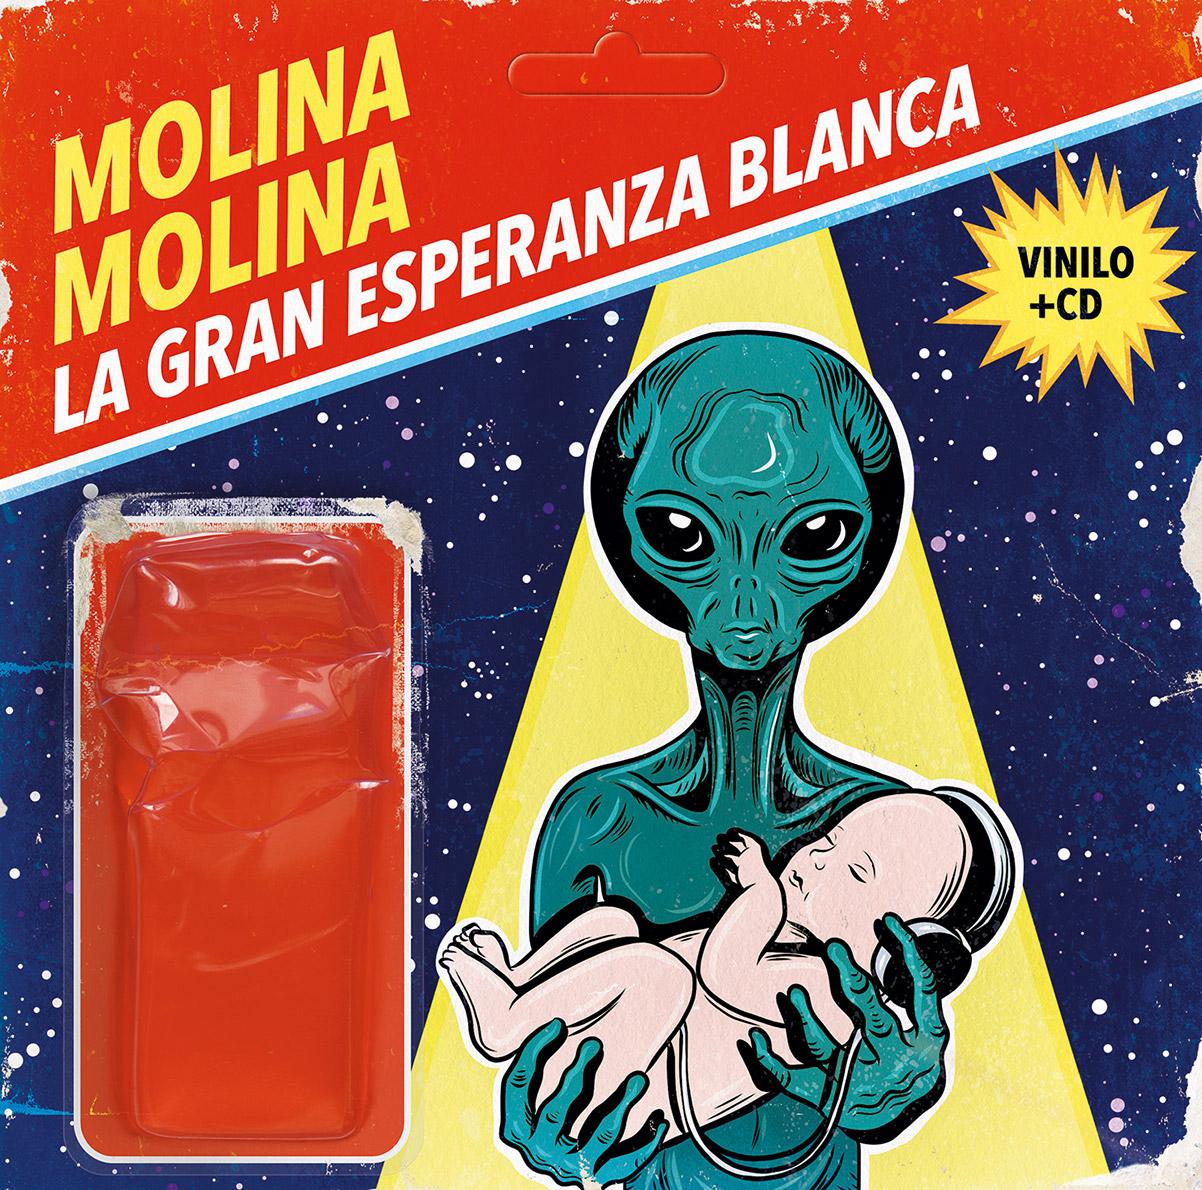 Molina Molina, 'La Gran Esperanza Blanca'